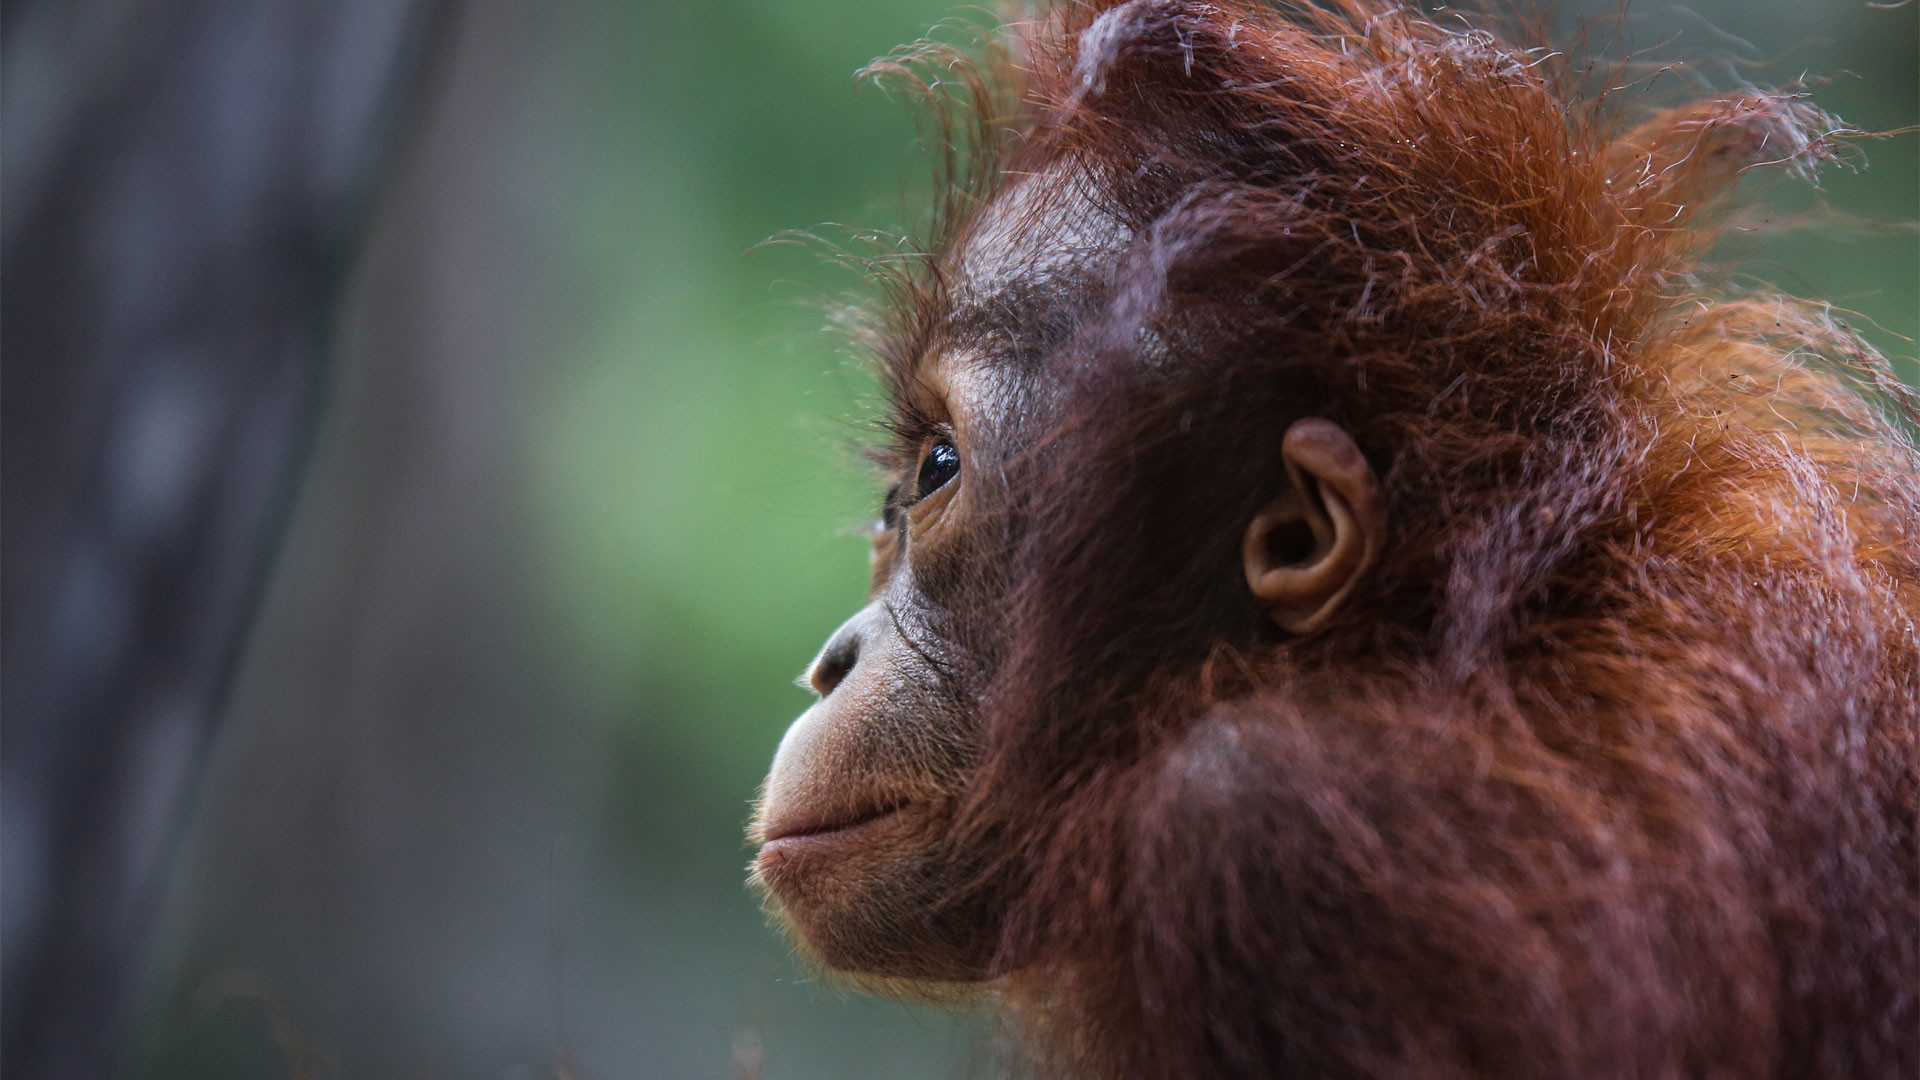 Cute Girl Pic Full Hd Wallpaper Baby Orangutan Wallpaper 64 Images